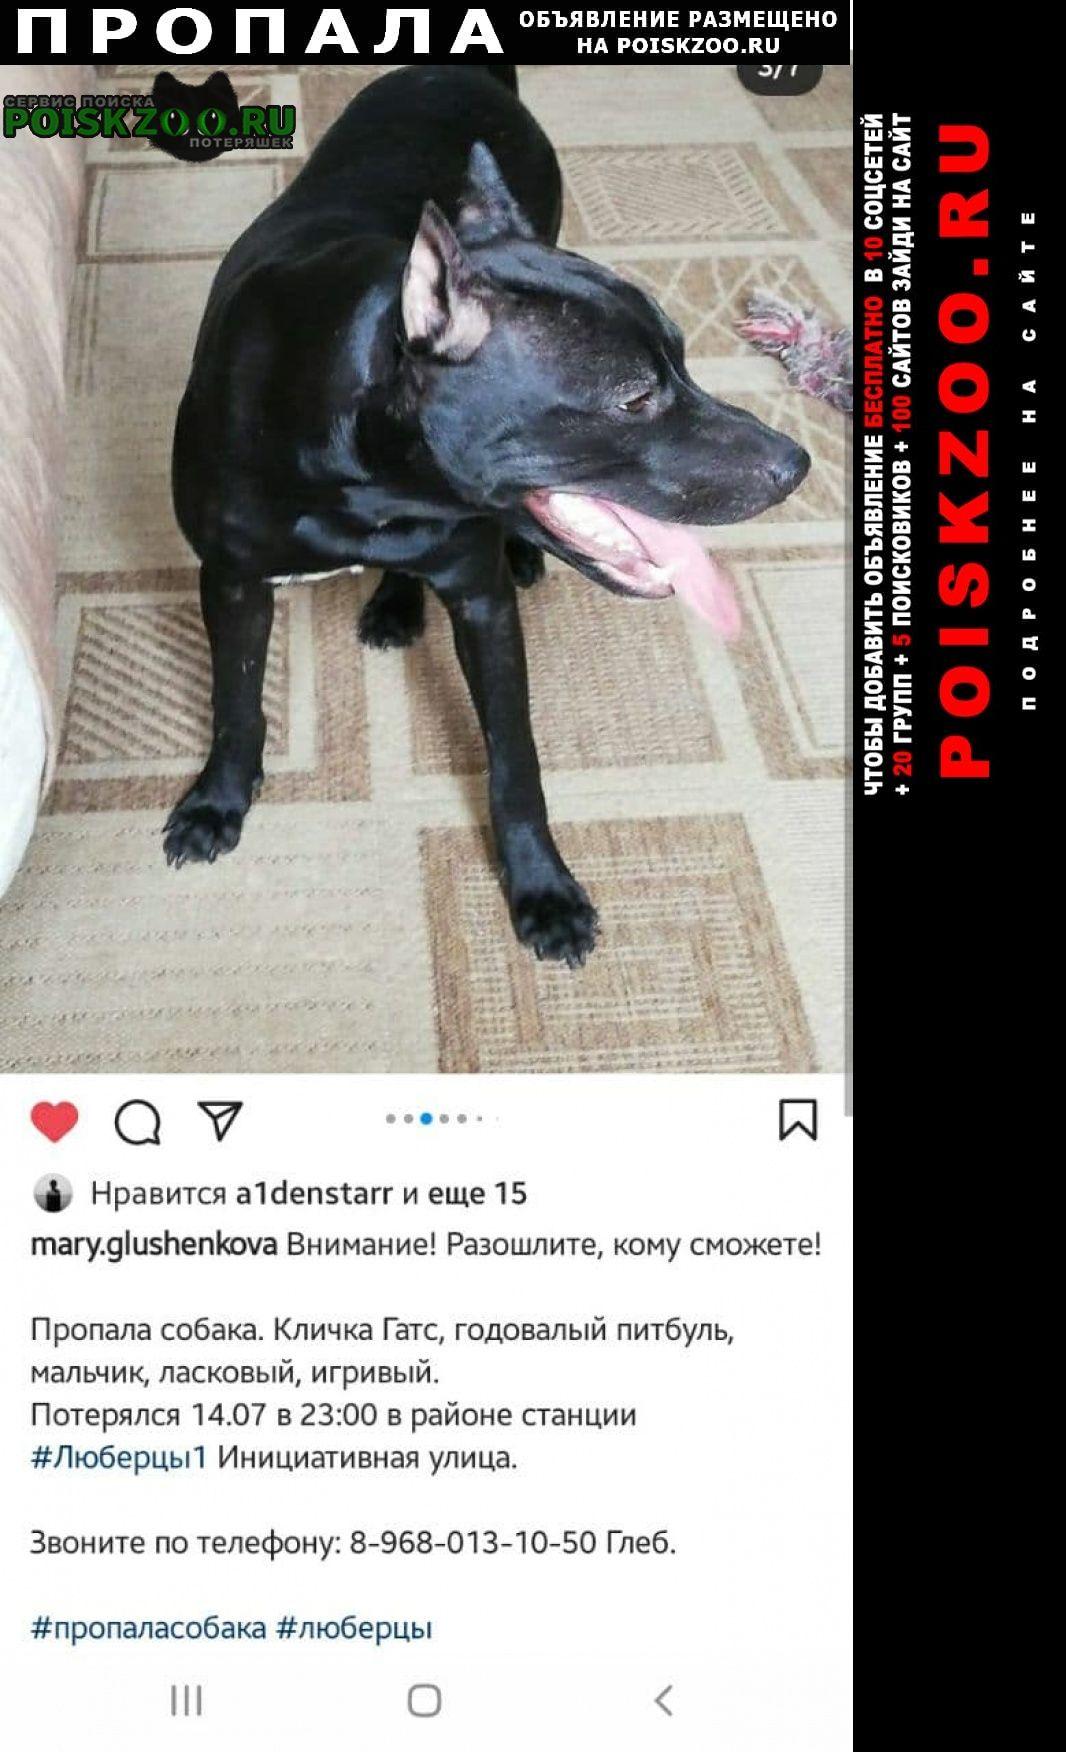 Пропала собака кобель кличка гатс, черный питбуль, 1 год Люберцы